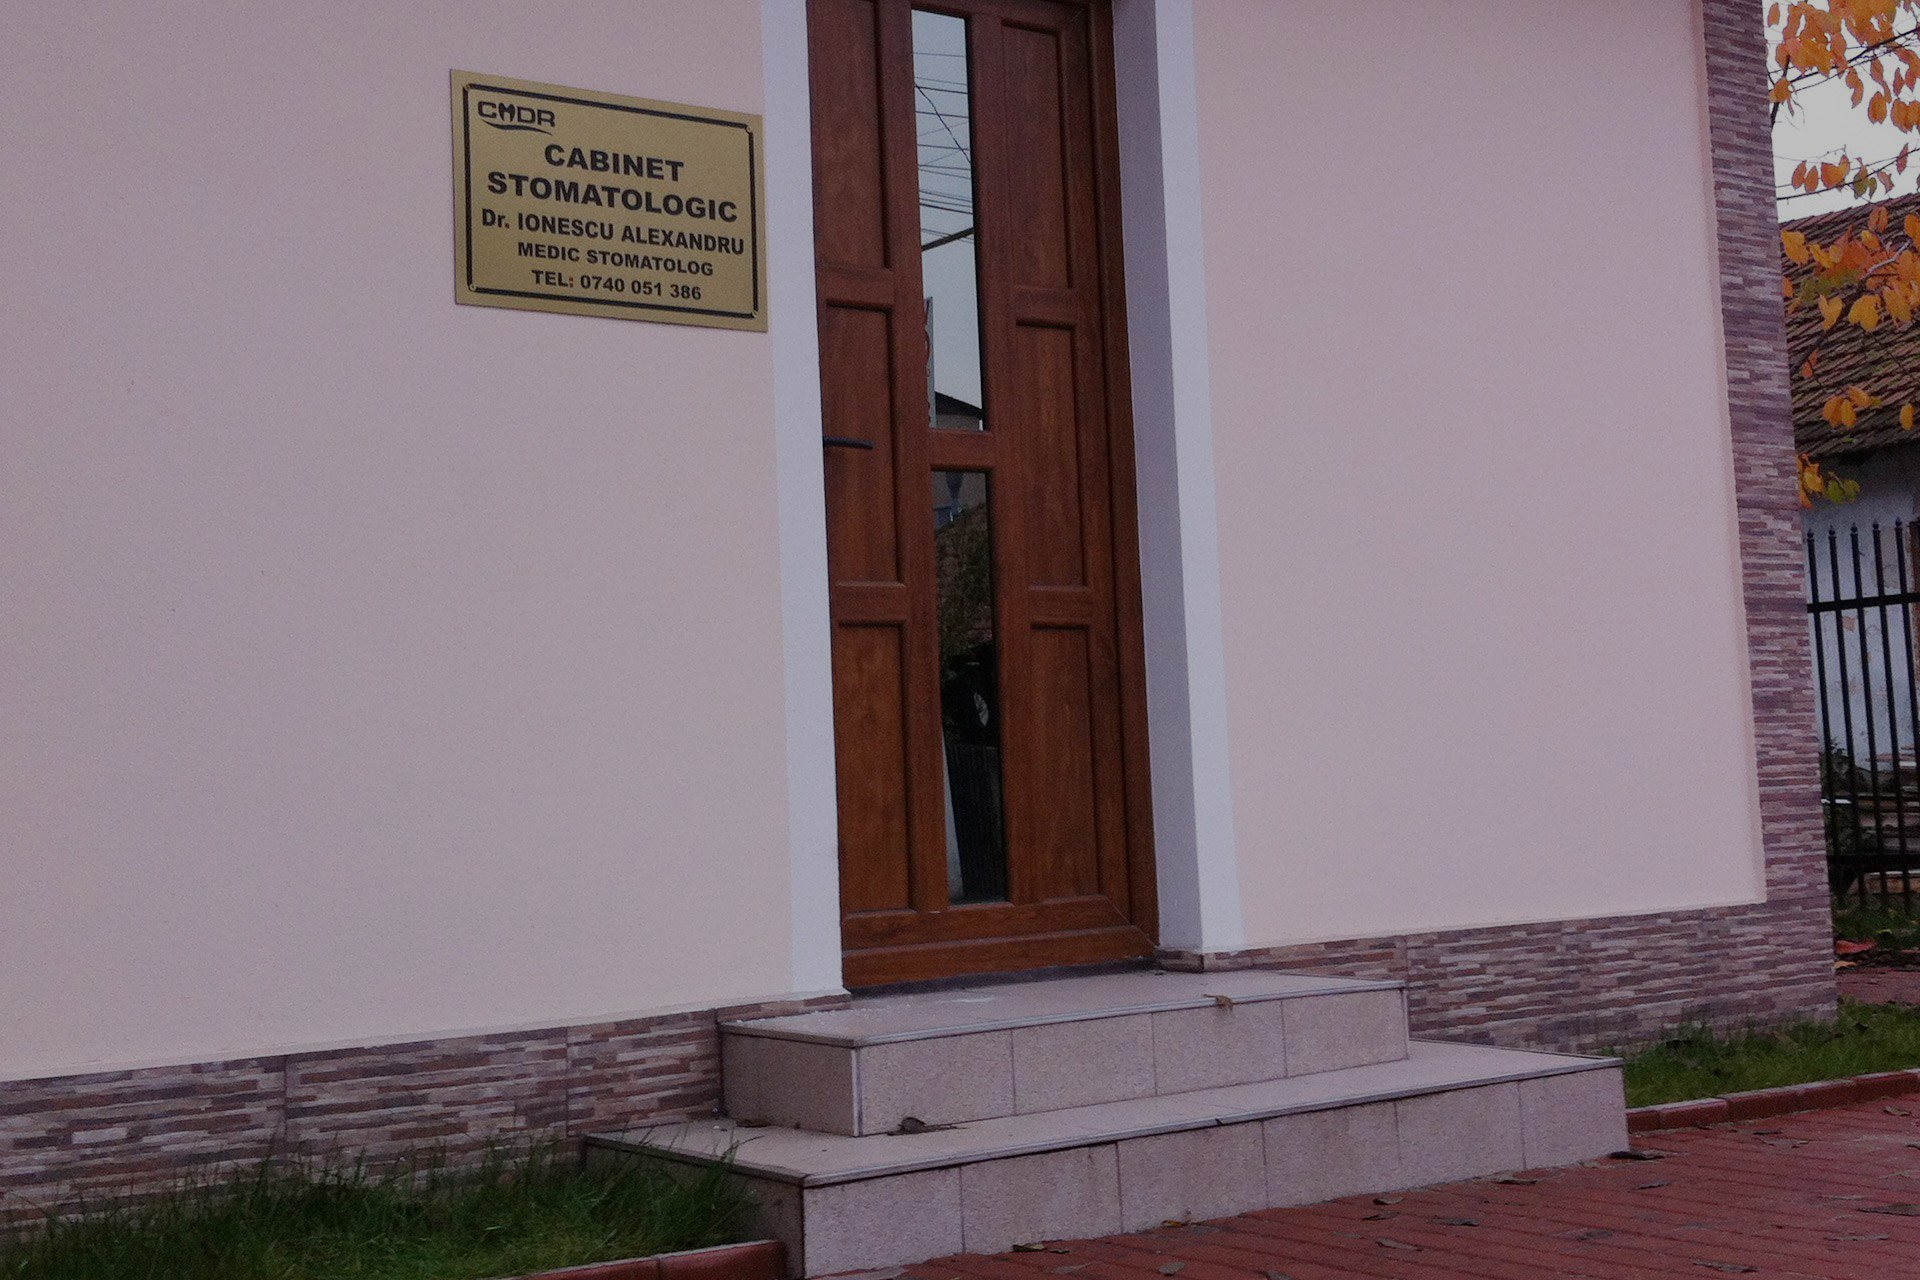 Deschis in weekend Cabinet Stomatologic Targu-Jiu, Dr. Ionescu Alexandru